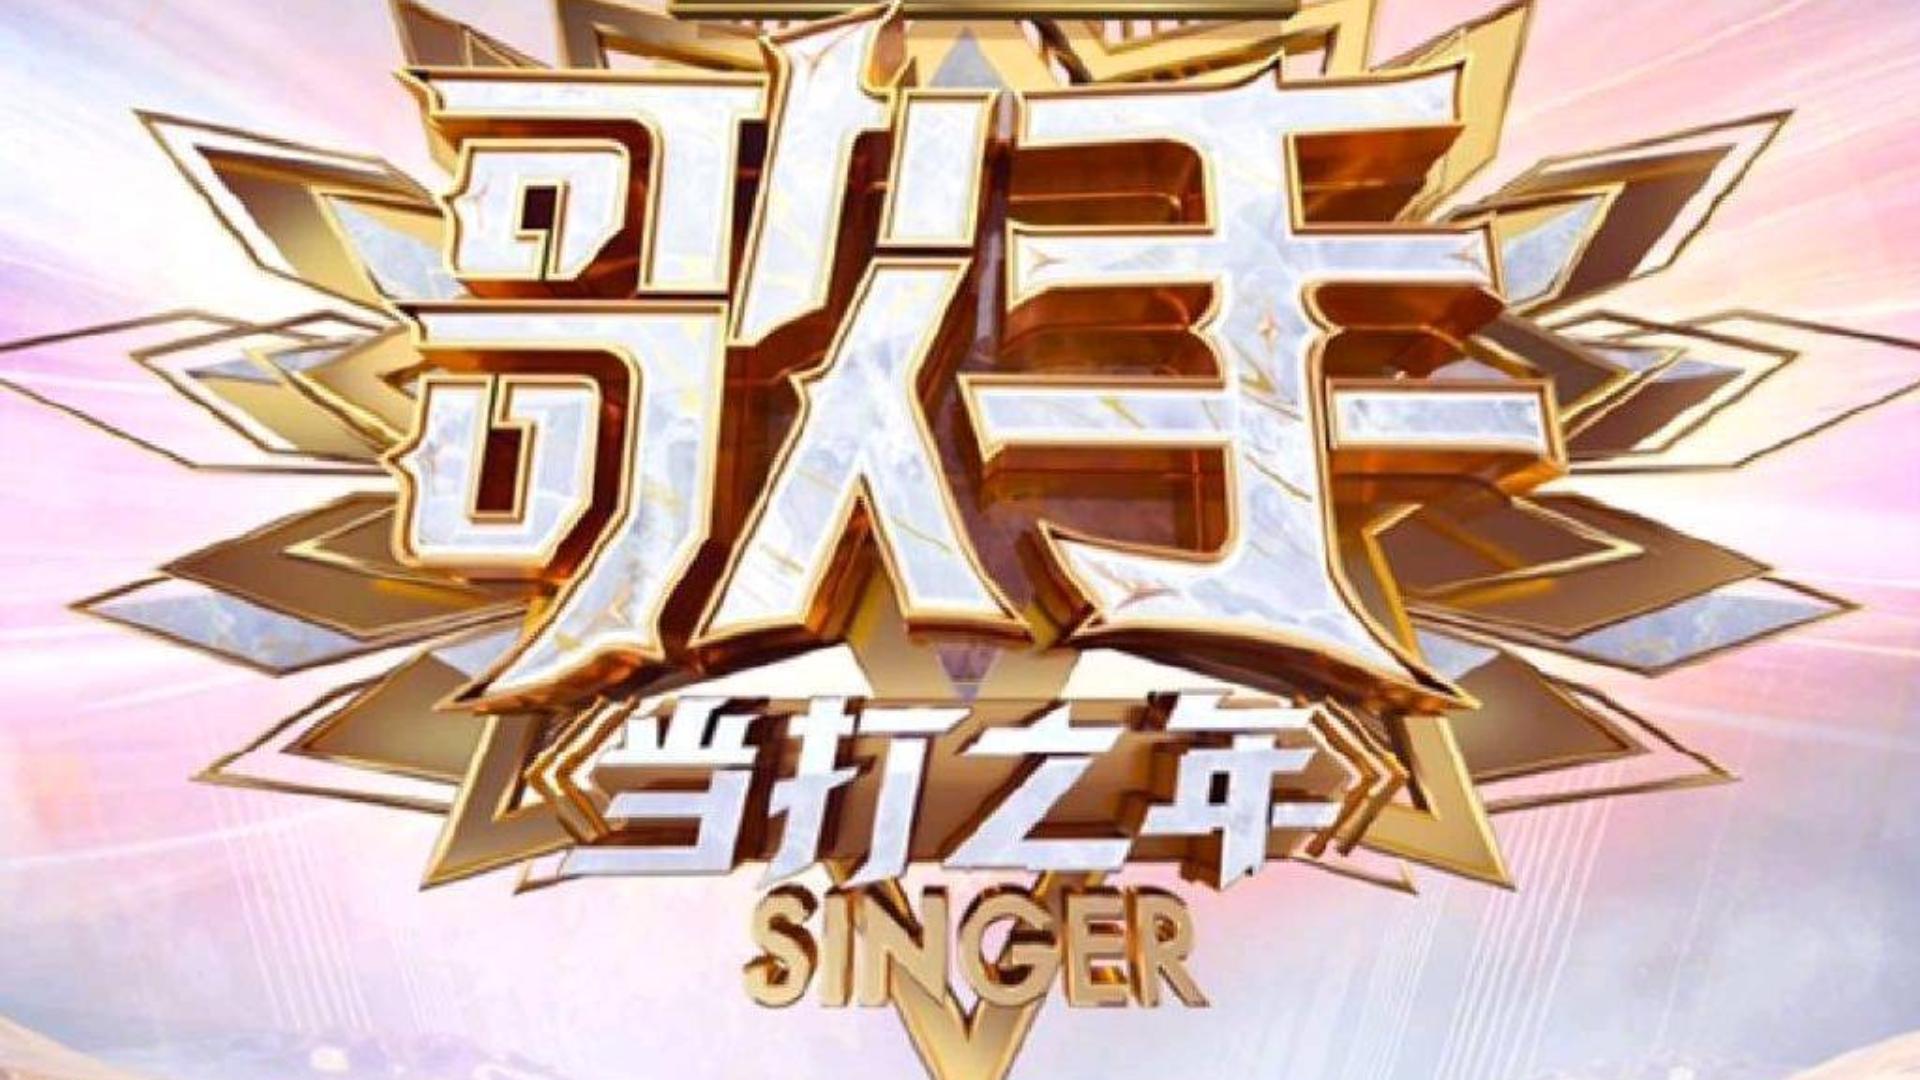 《歌手2020》开播在即,历届歌手冠军大盘点《娱人制造》20200131期